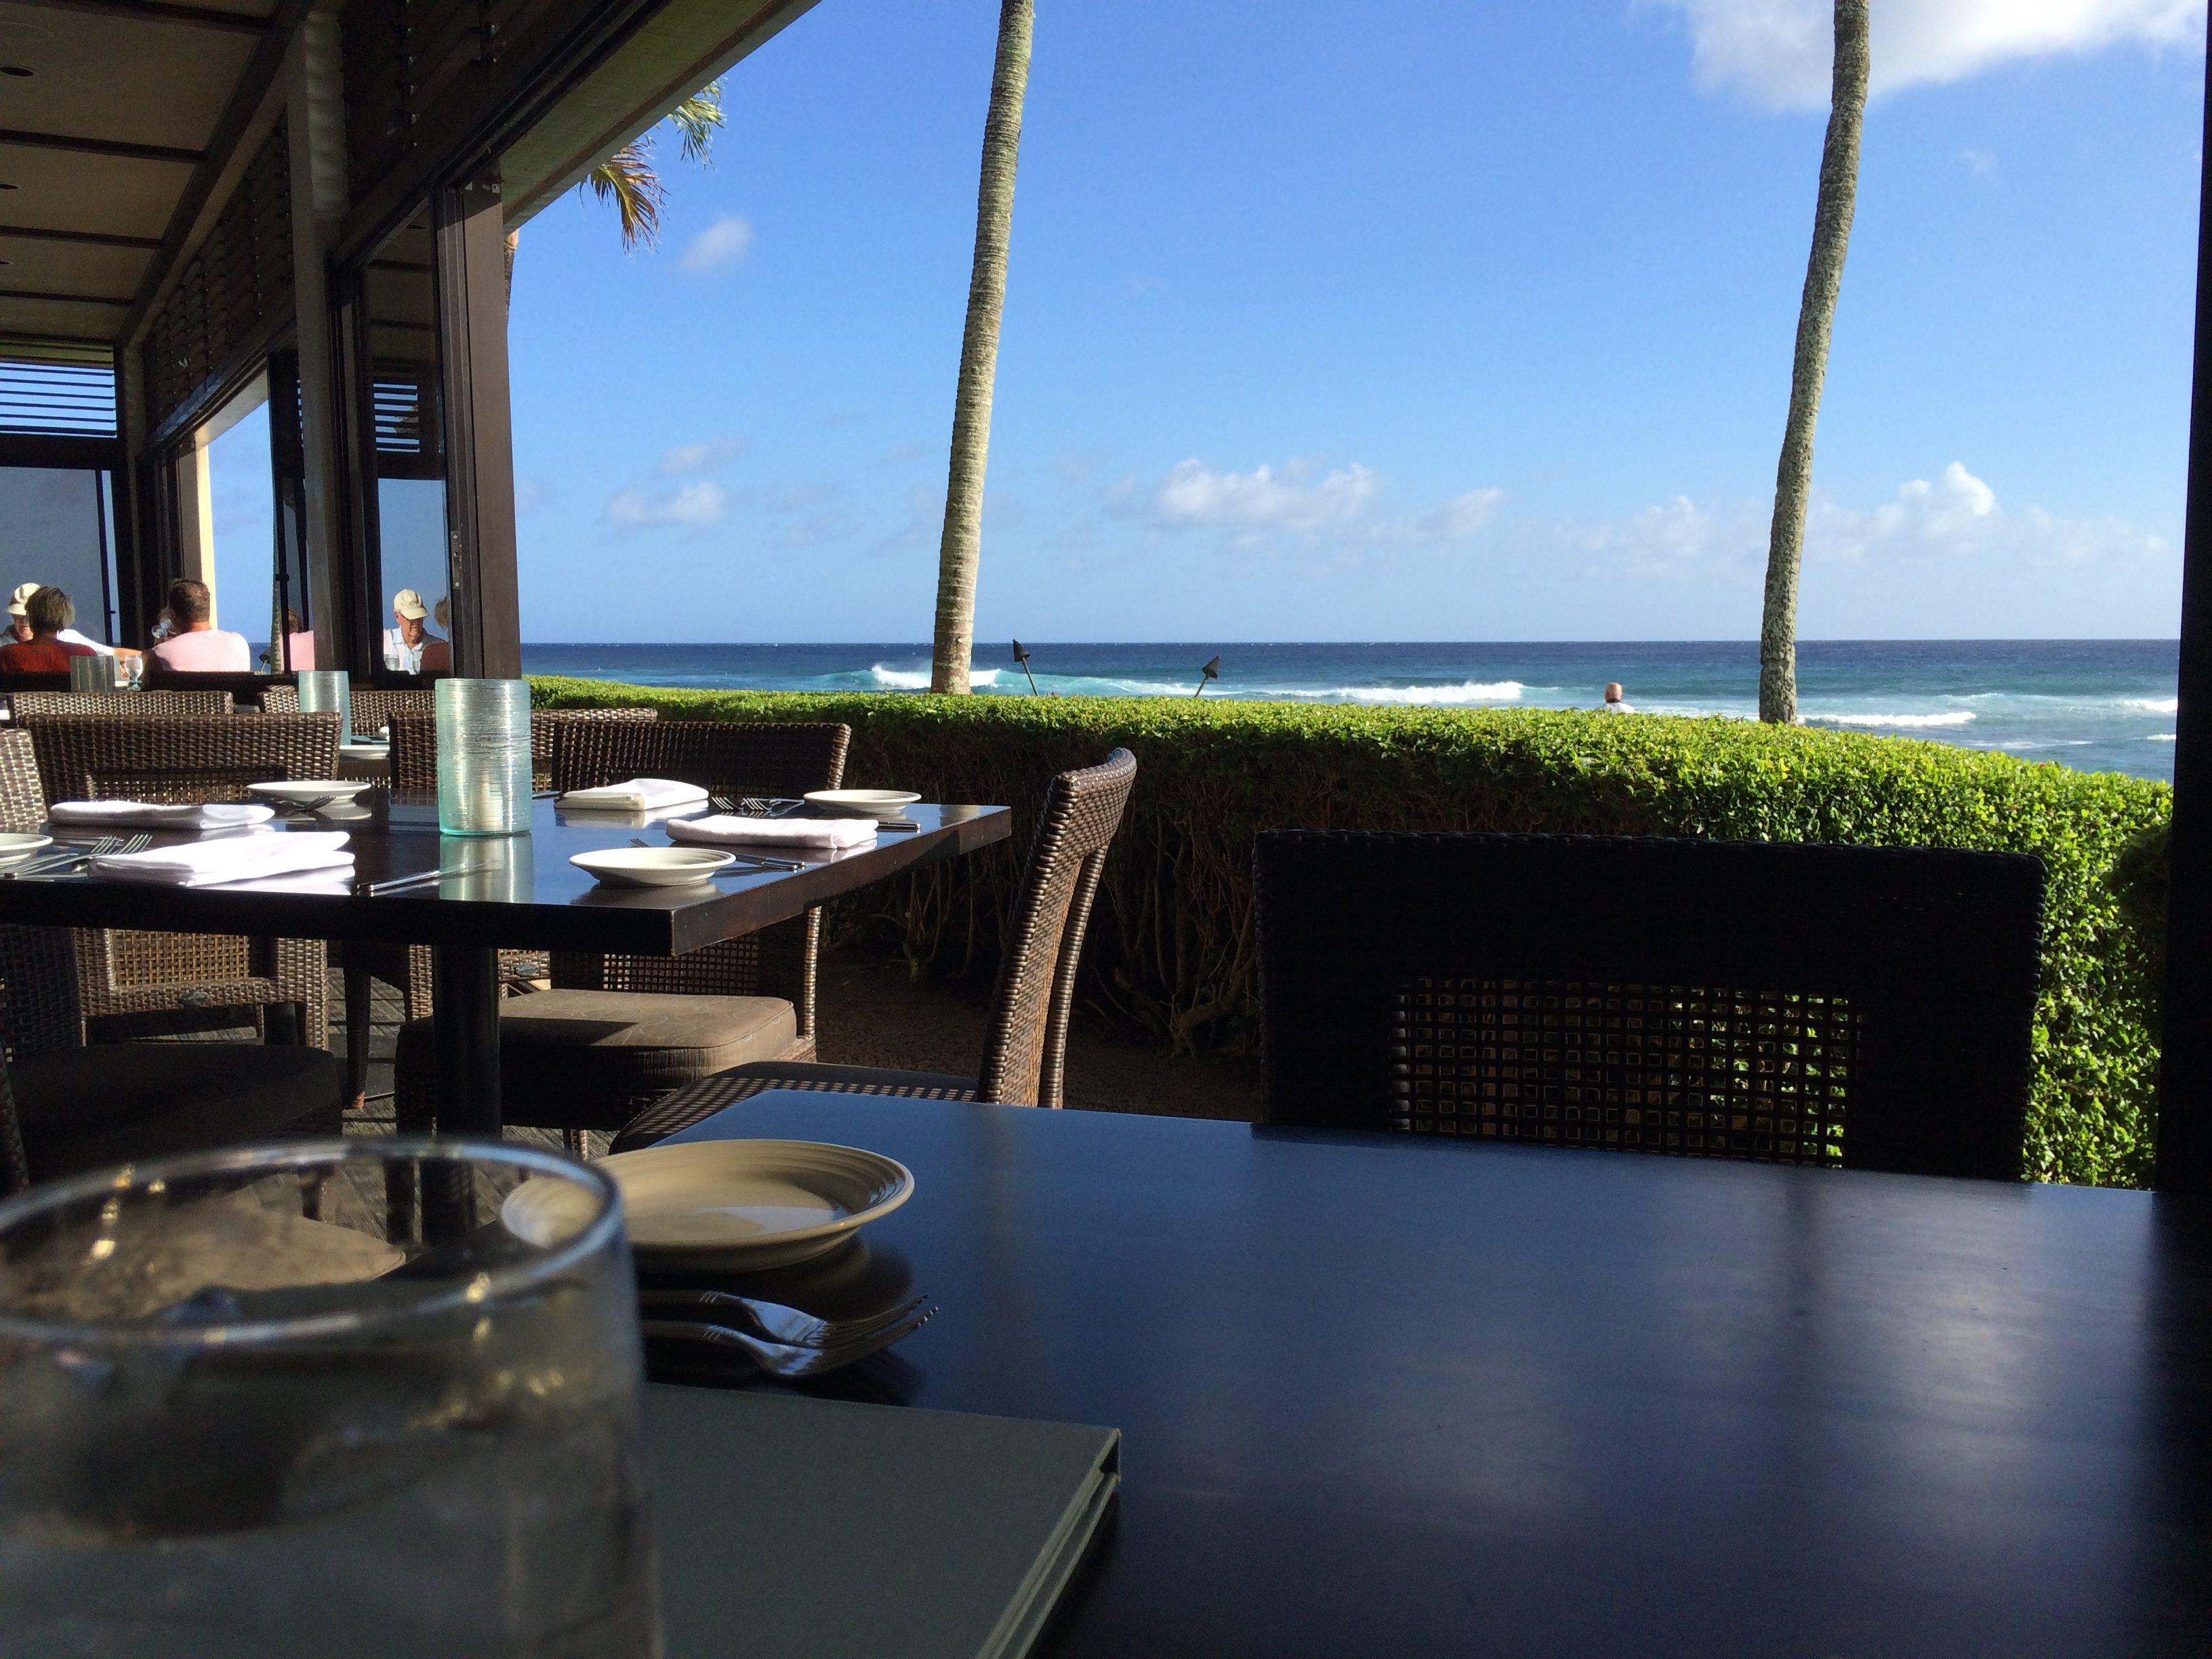 Kauai Hawaii The Beach House Dinner